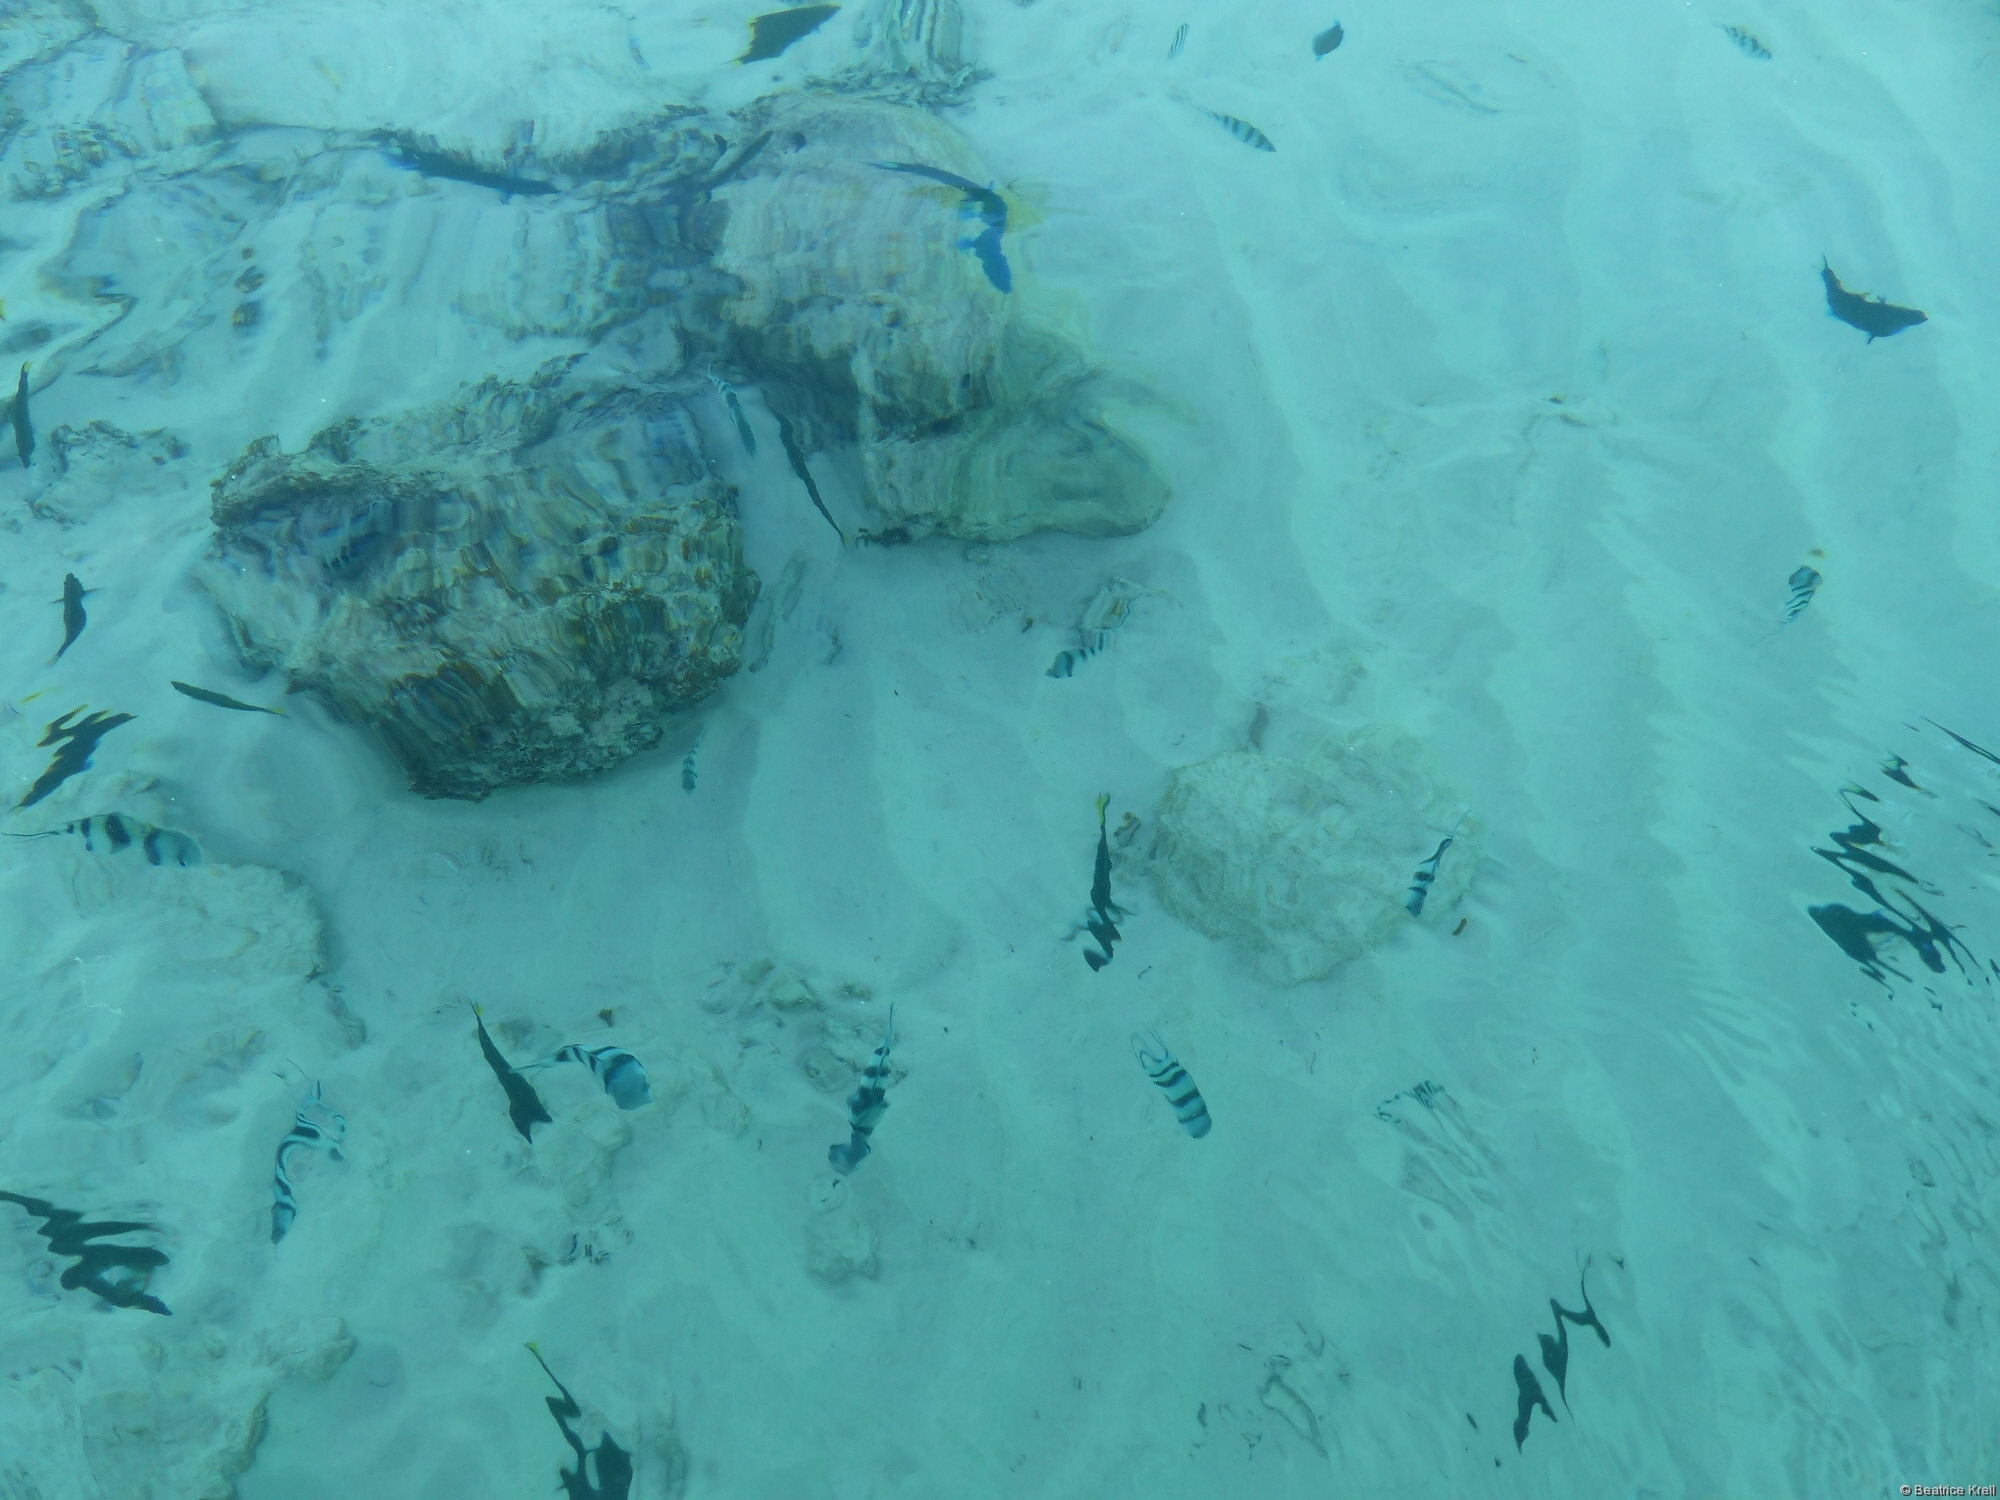 ... und glasklares Wasser machen diesen Ort einfach magisch. (Unterwasserbilder gibt es unter: http://www.mplx.de/Blog)